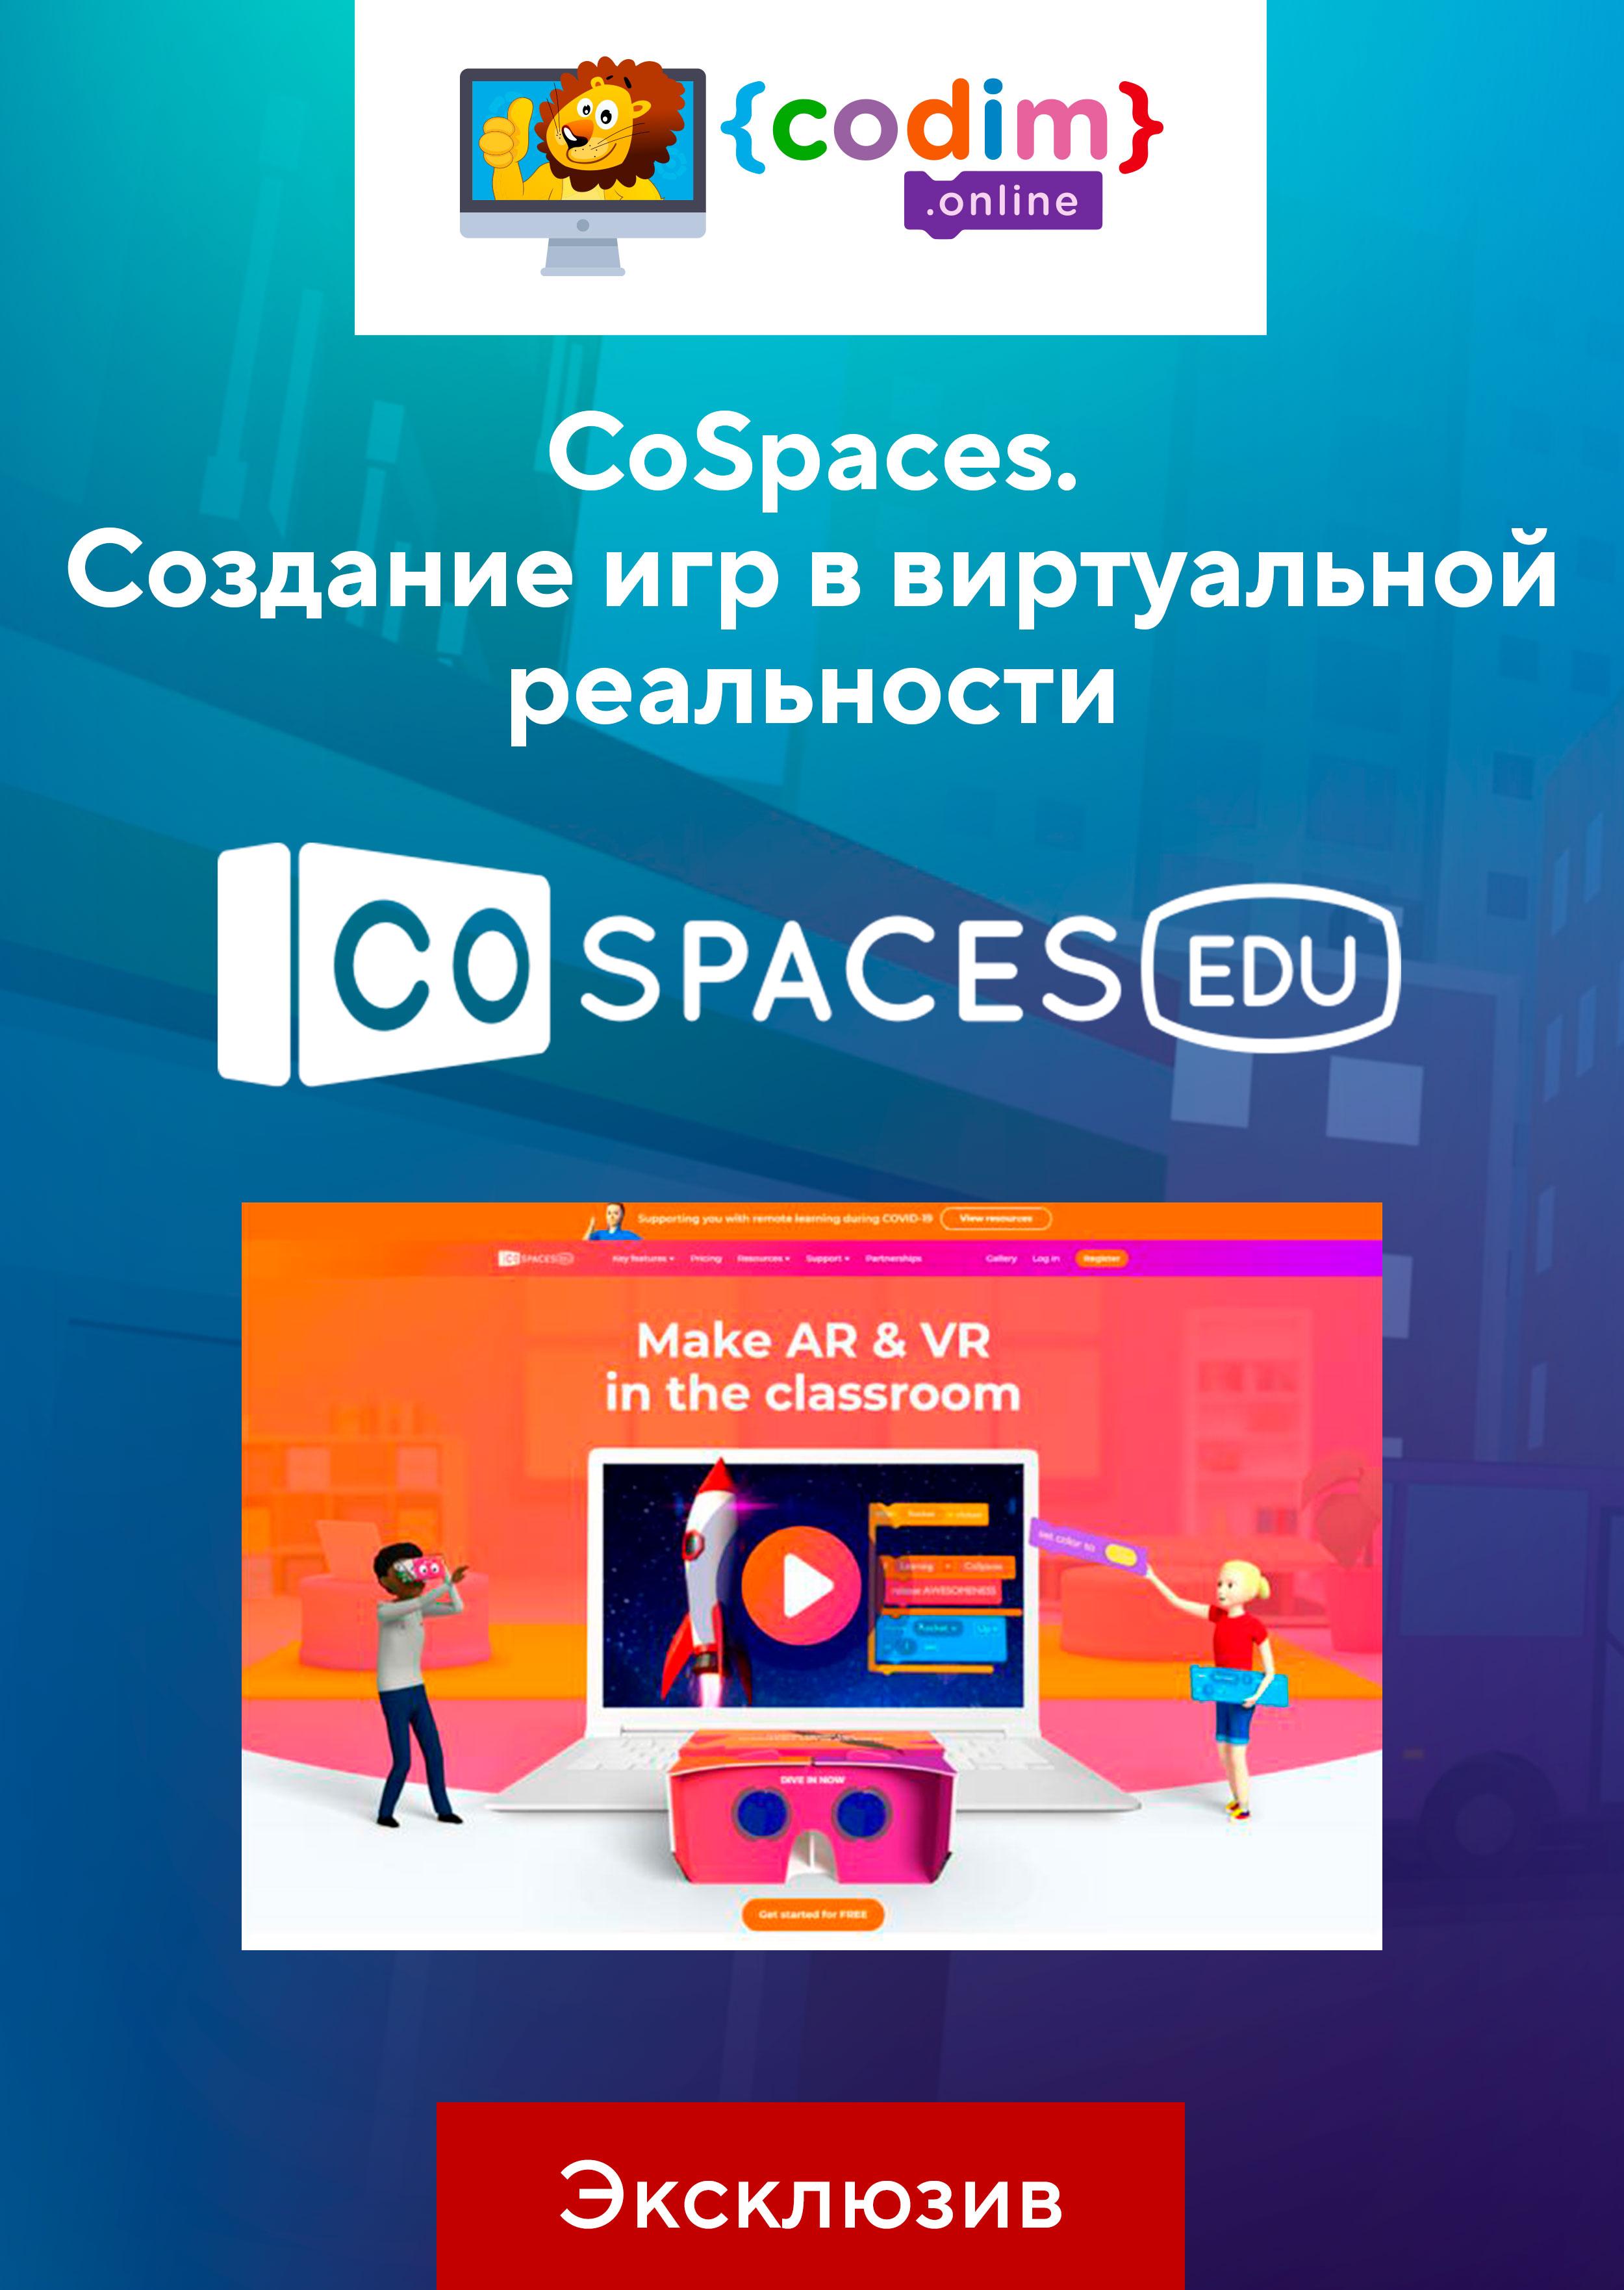 CoSpaces. Создание игр в виртуальной реальности